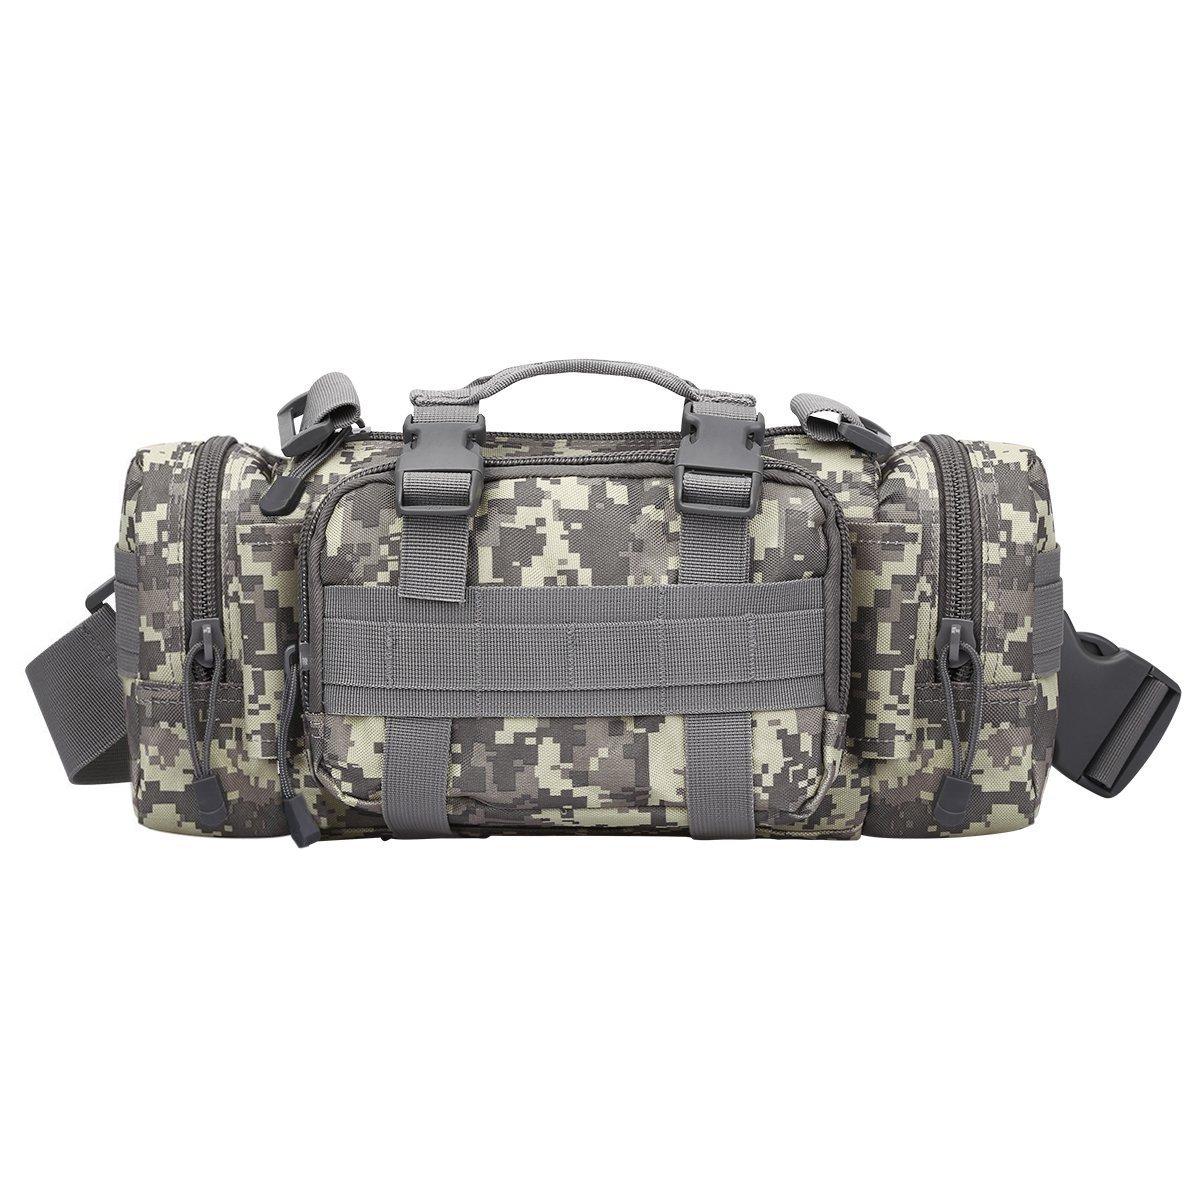 G4Free S-ZONE Multifonctions sac Tactique Waist Pack appareil photo Sac à dos Militaire Camping sac de ceinture Randonnee Sac à dos alpinisme étanche